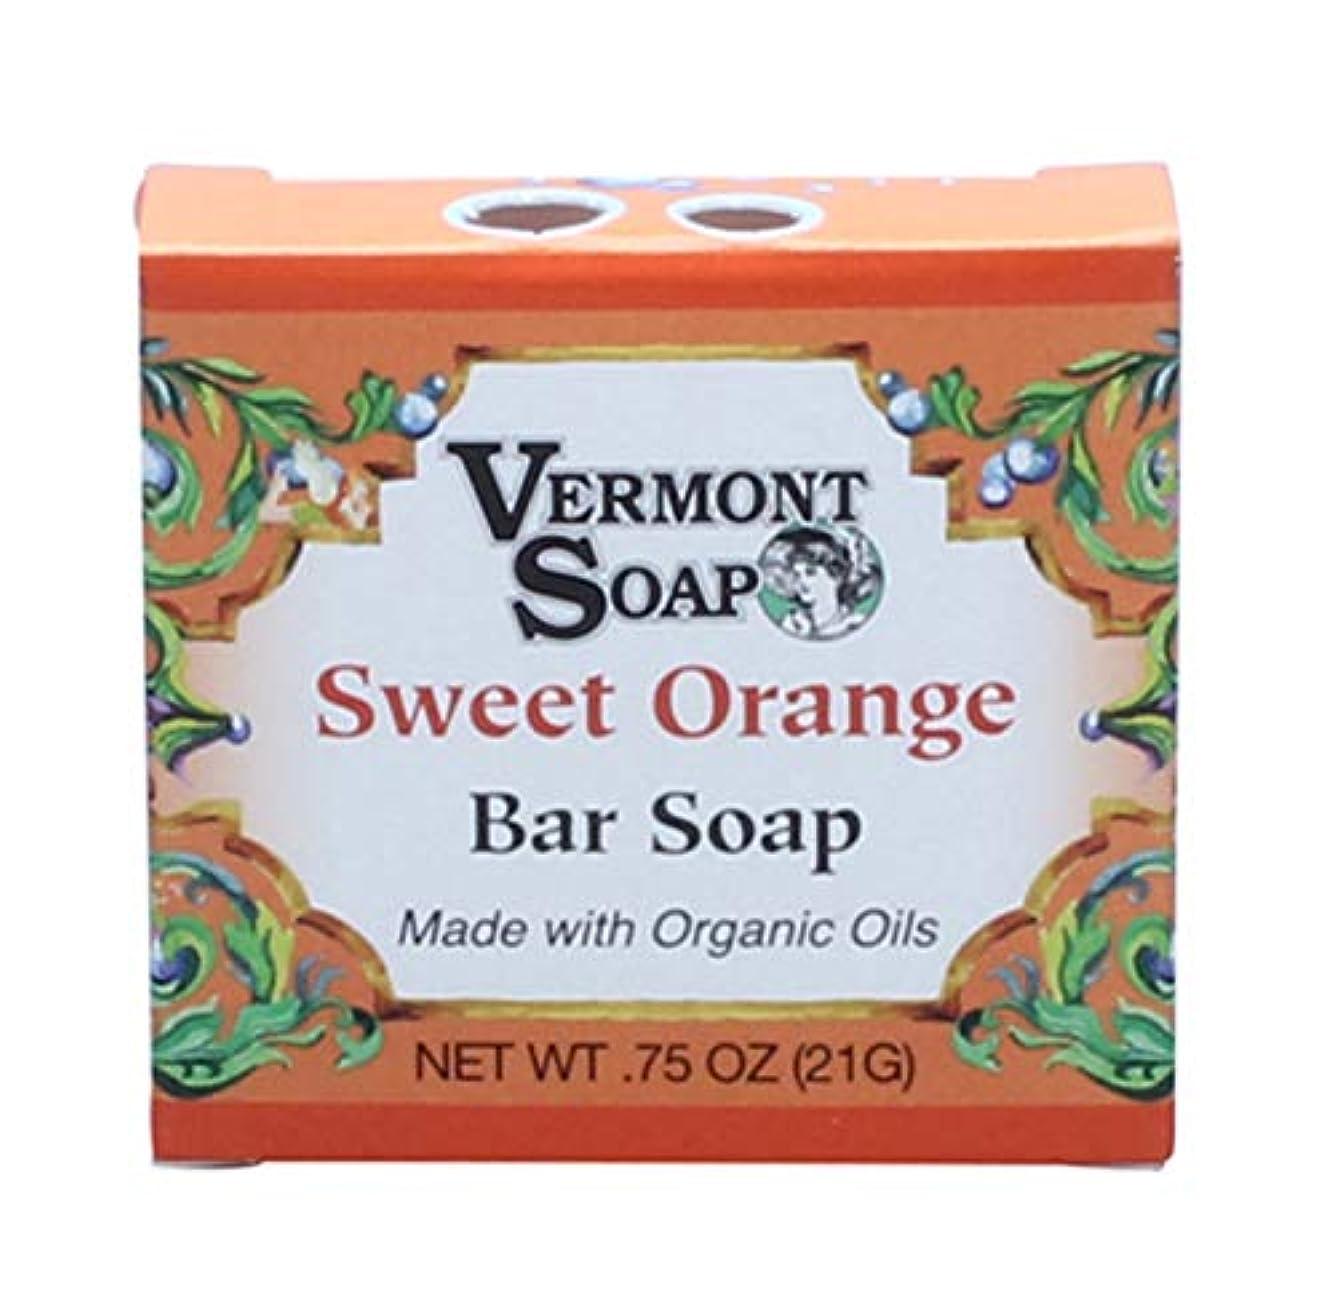 バッテリーバッテリー定期的なバーモントソープ トラベルサイズ (スイートオレンジ) オーガニック石鹸 洗顔 21g